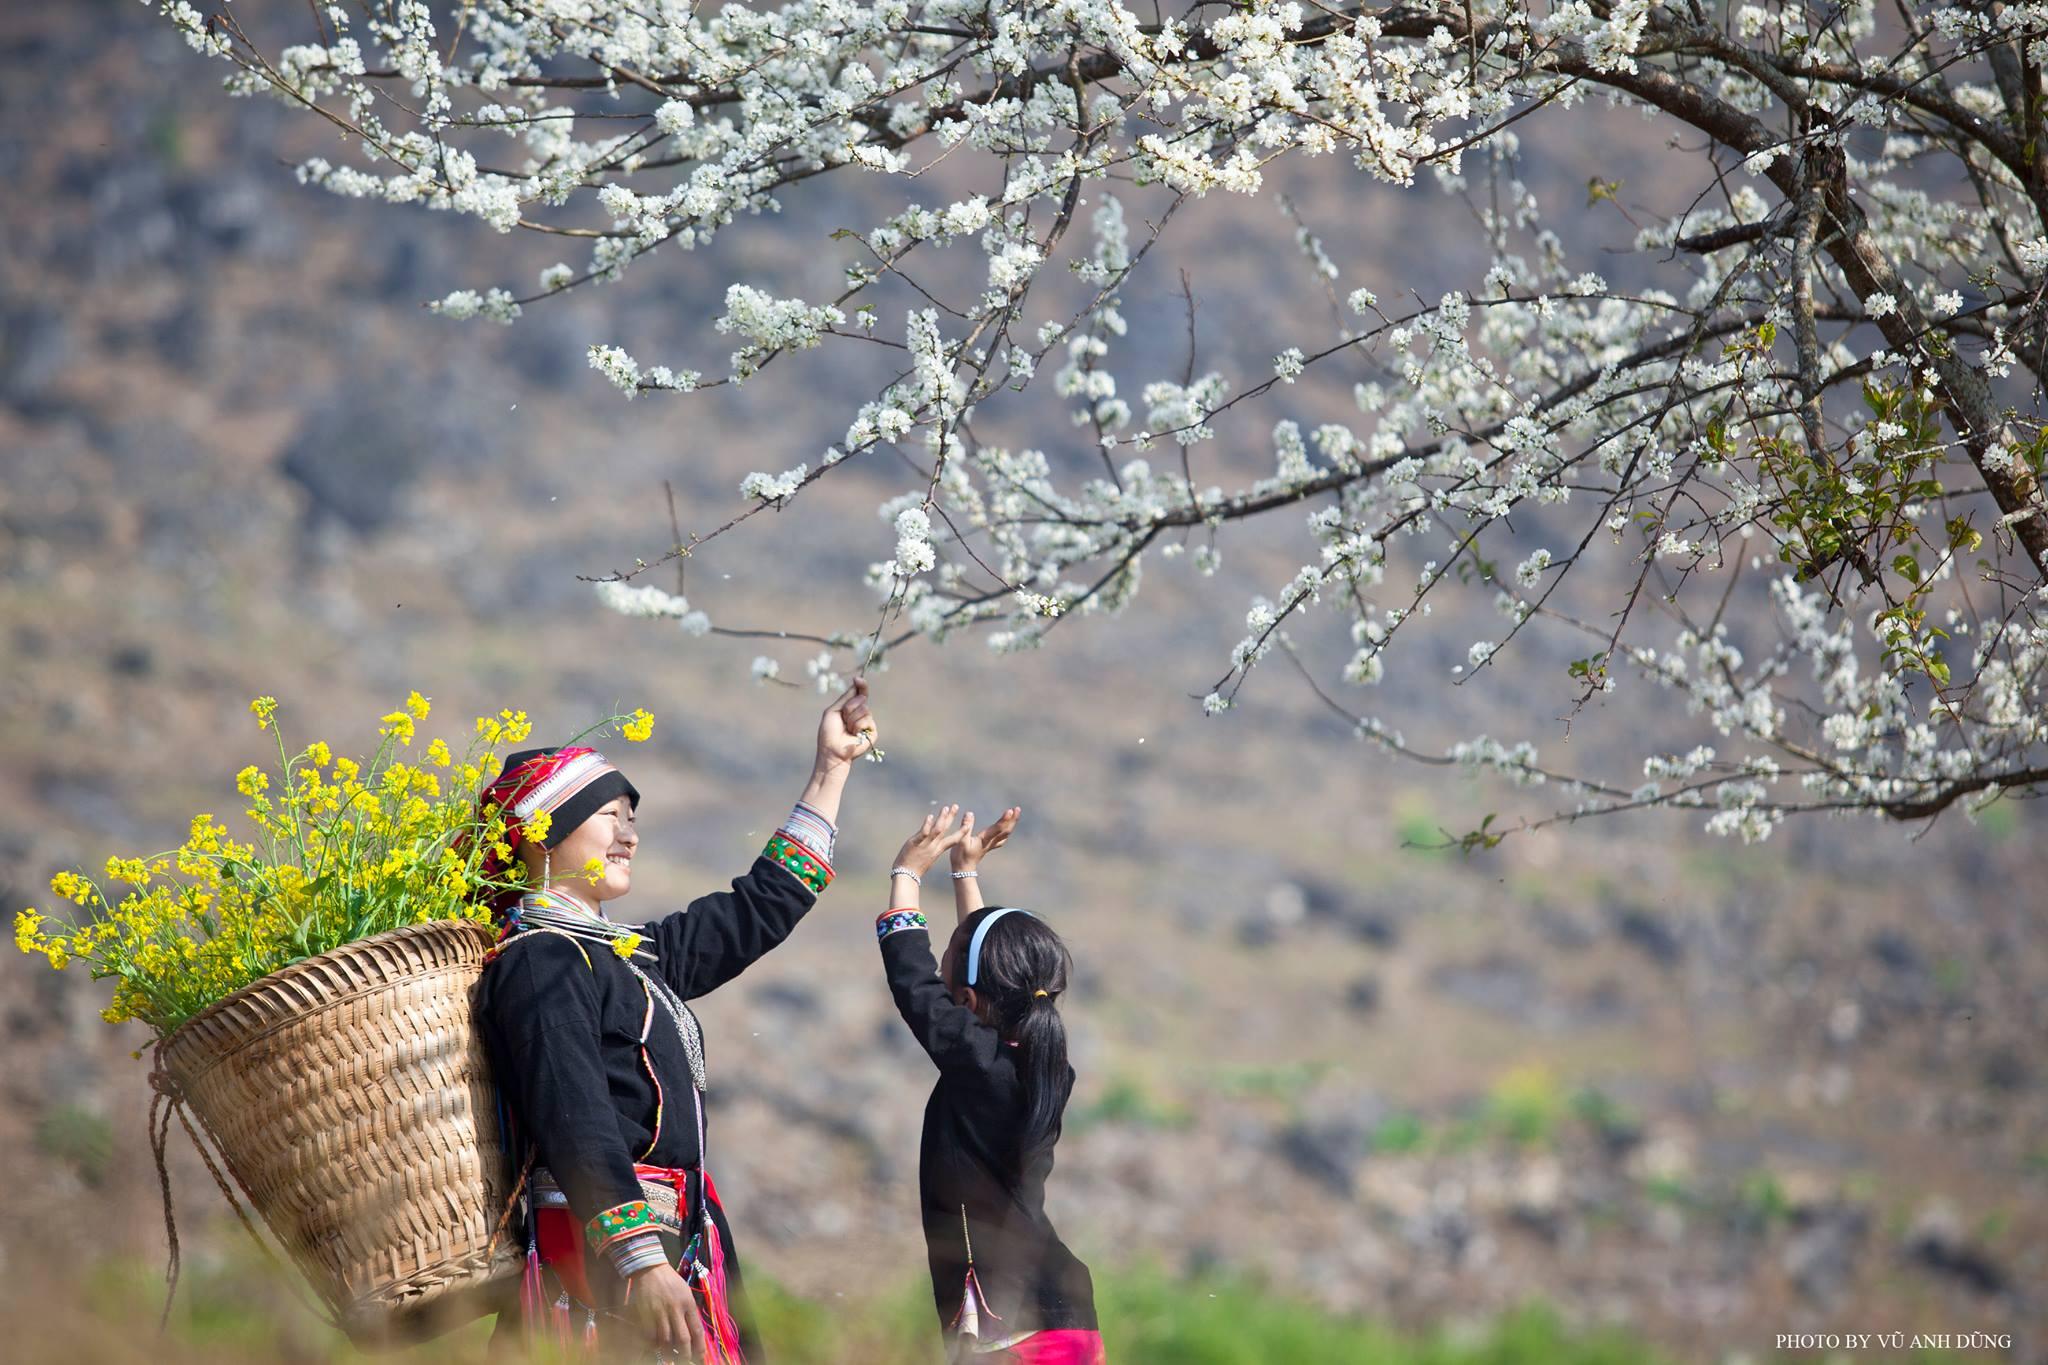 Du lịch Mộc Châu - Nhớ về một mùa hoa mận nở trắng xóa. Ảnh: Dũng Anh Vũ